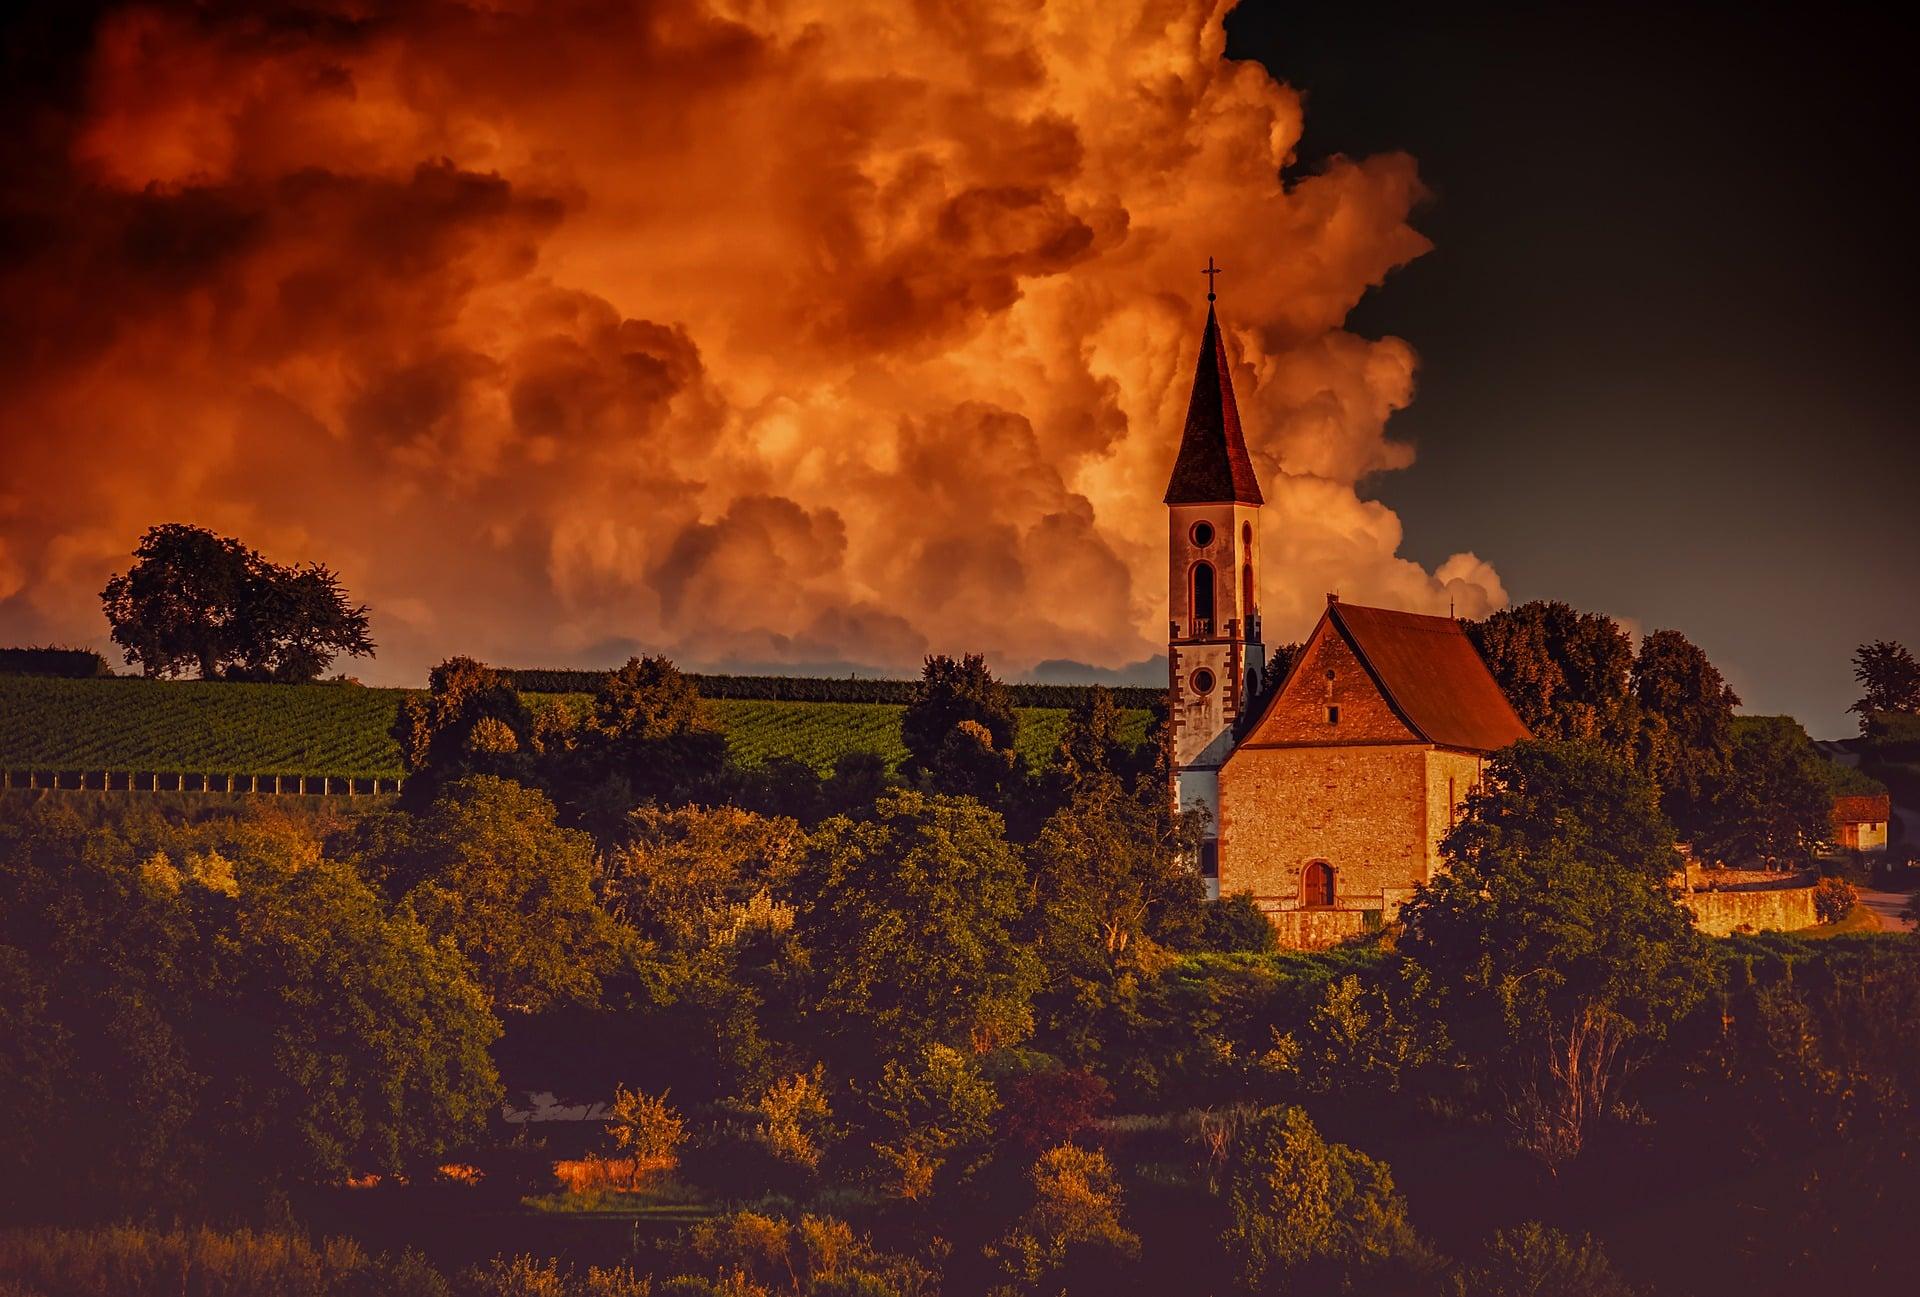 Kirchen in Deutschland, Älteste Kirche Deutschlands Größte Kirche Deutschlands